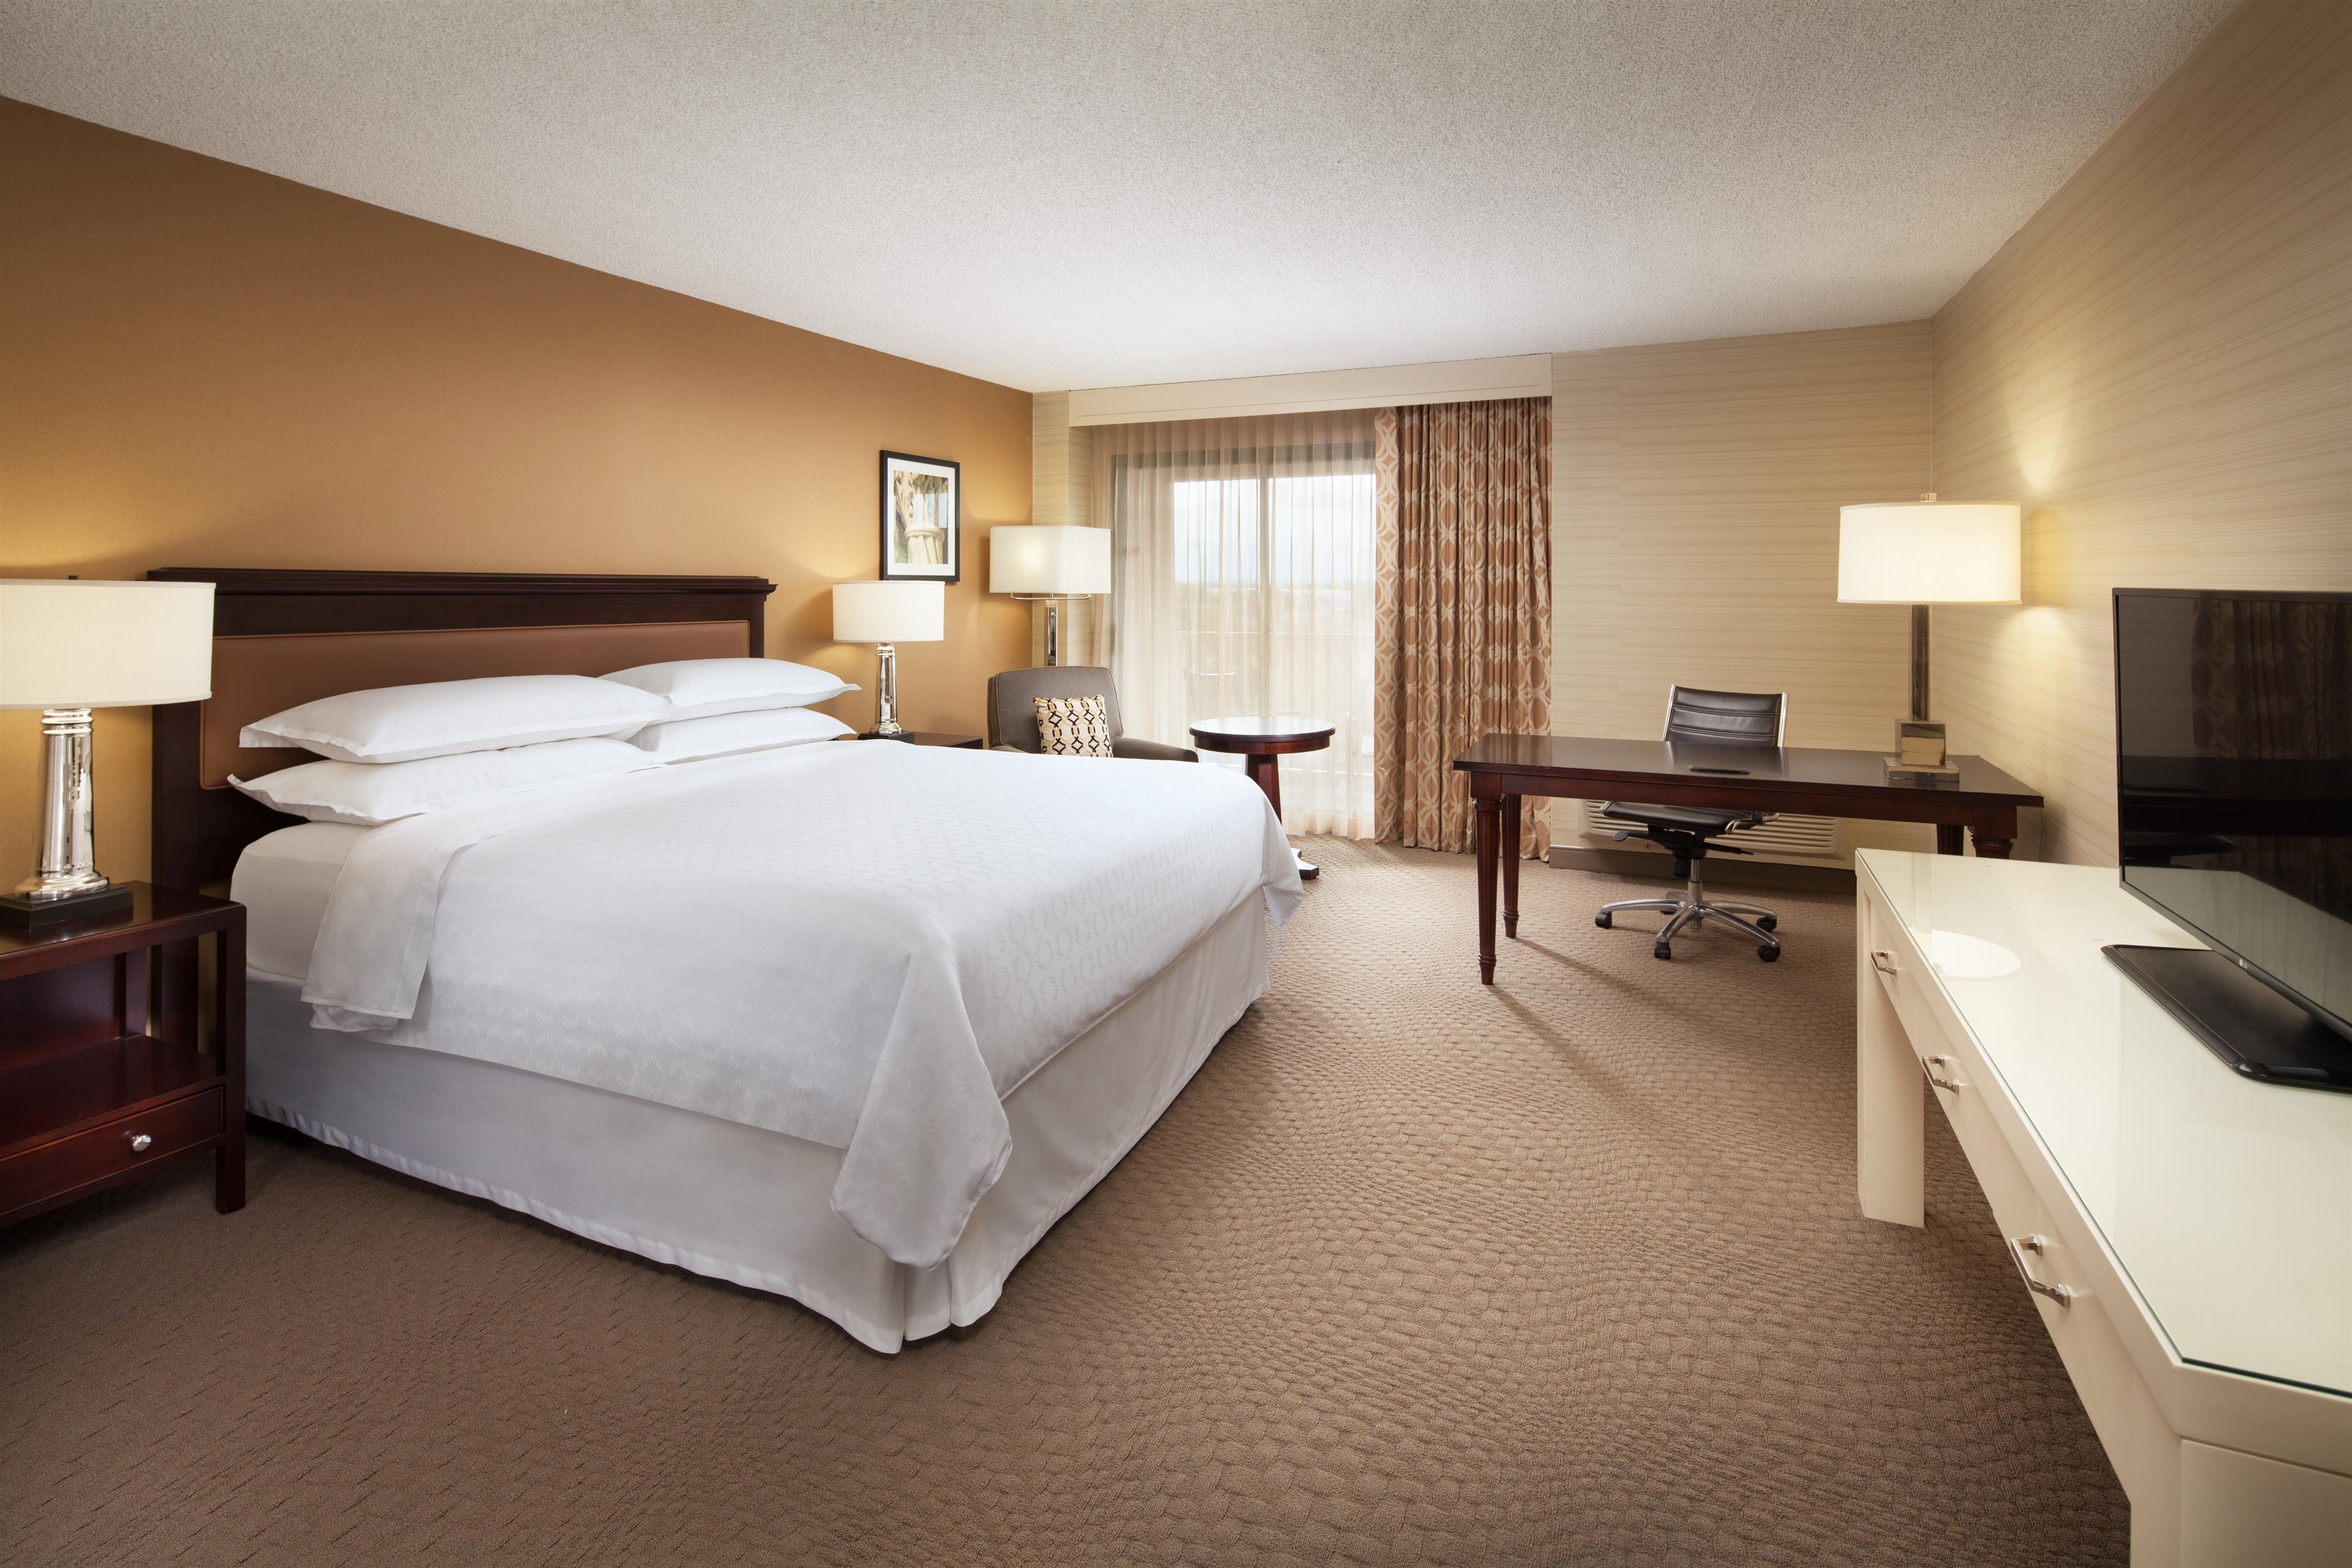 Sheraton San Jose Hotel image 14